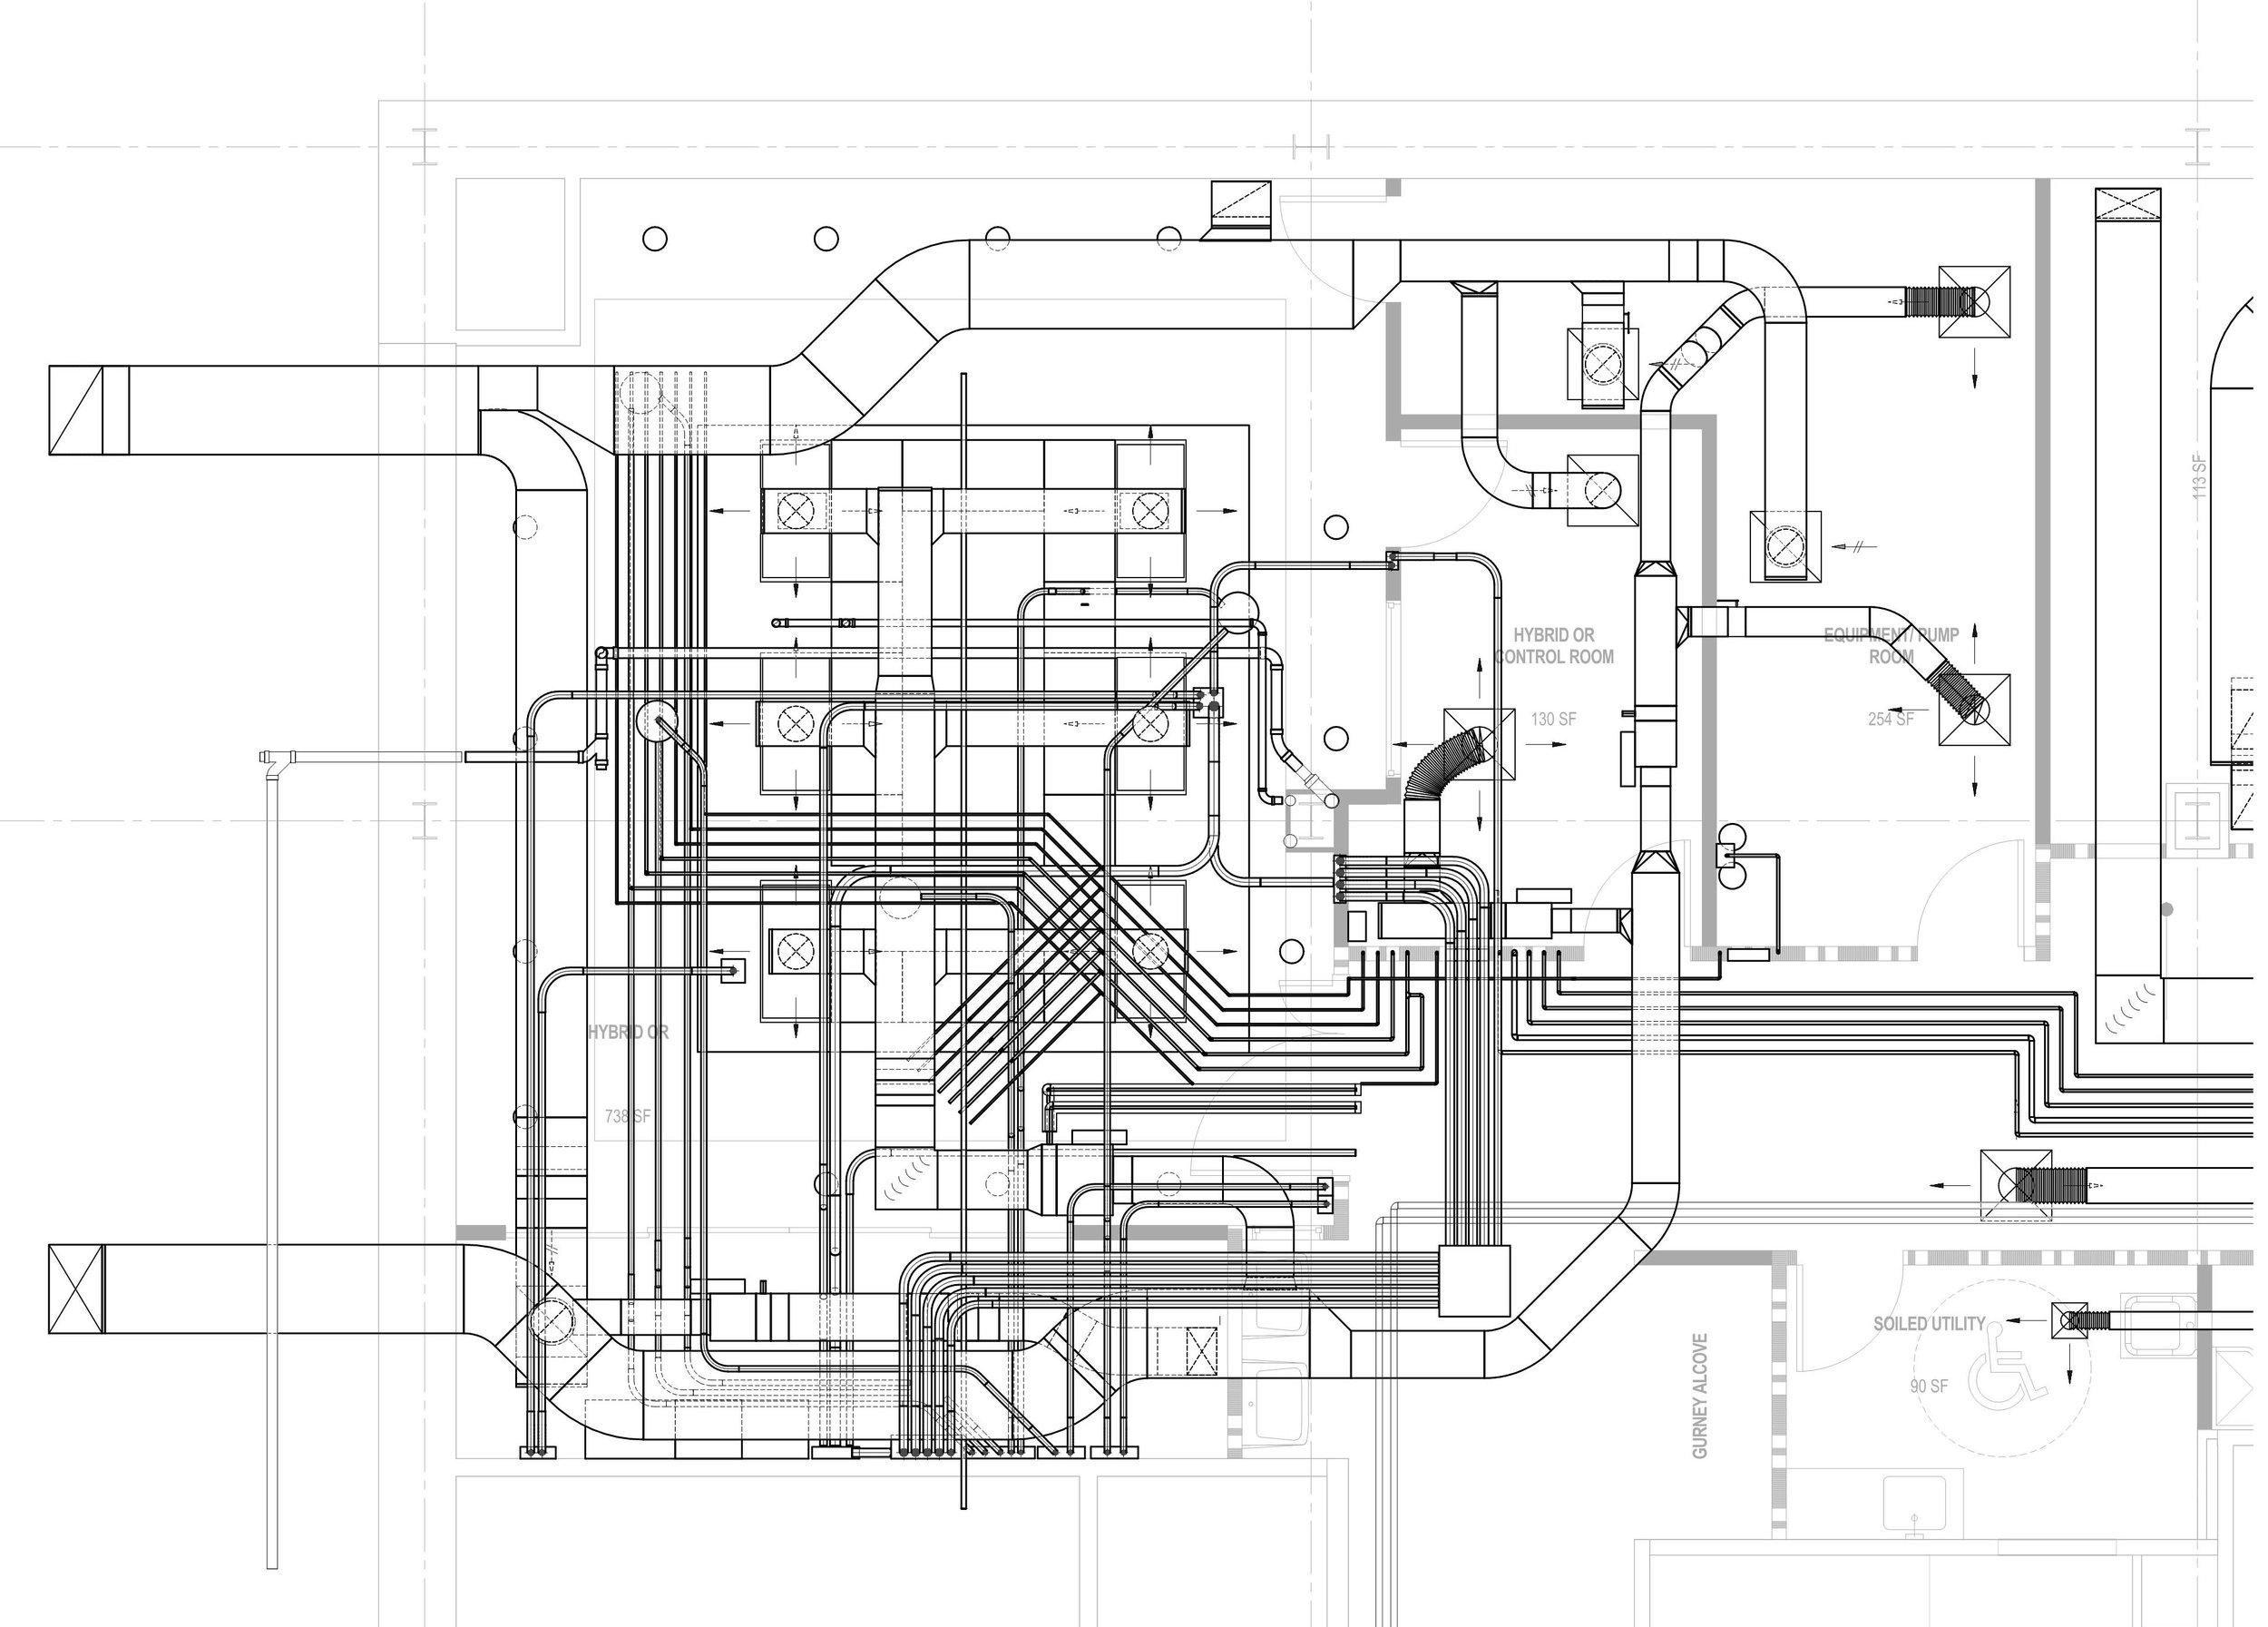 MEP-100 - COMPOSITE PARTIAL FLOOR PLAN.jpg